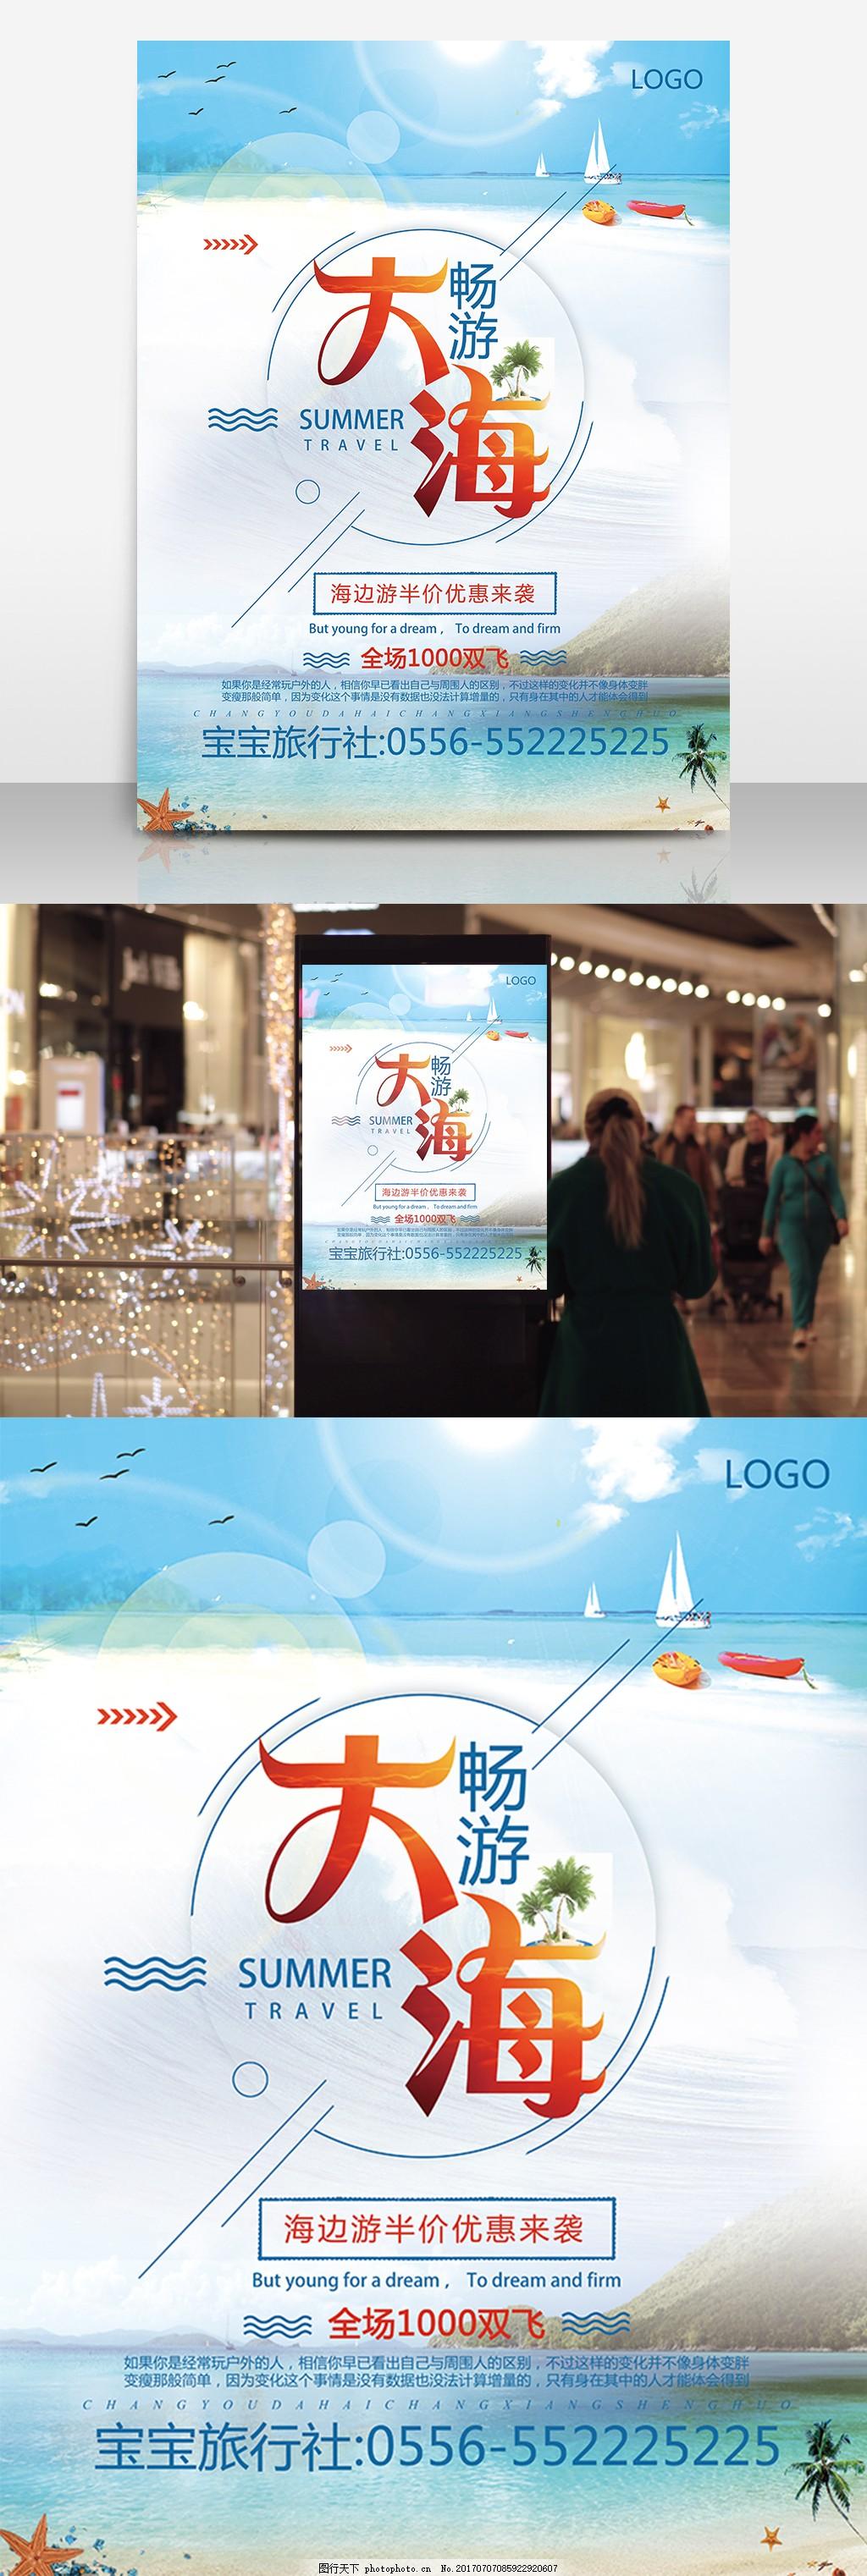 海边旅行社宣传促销双飞旅游海报